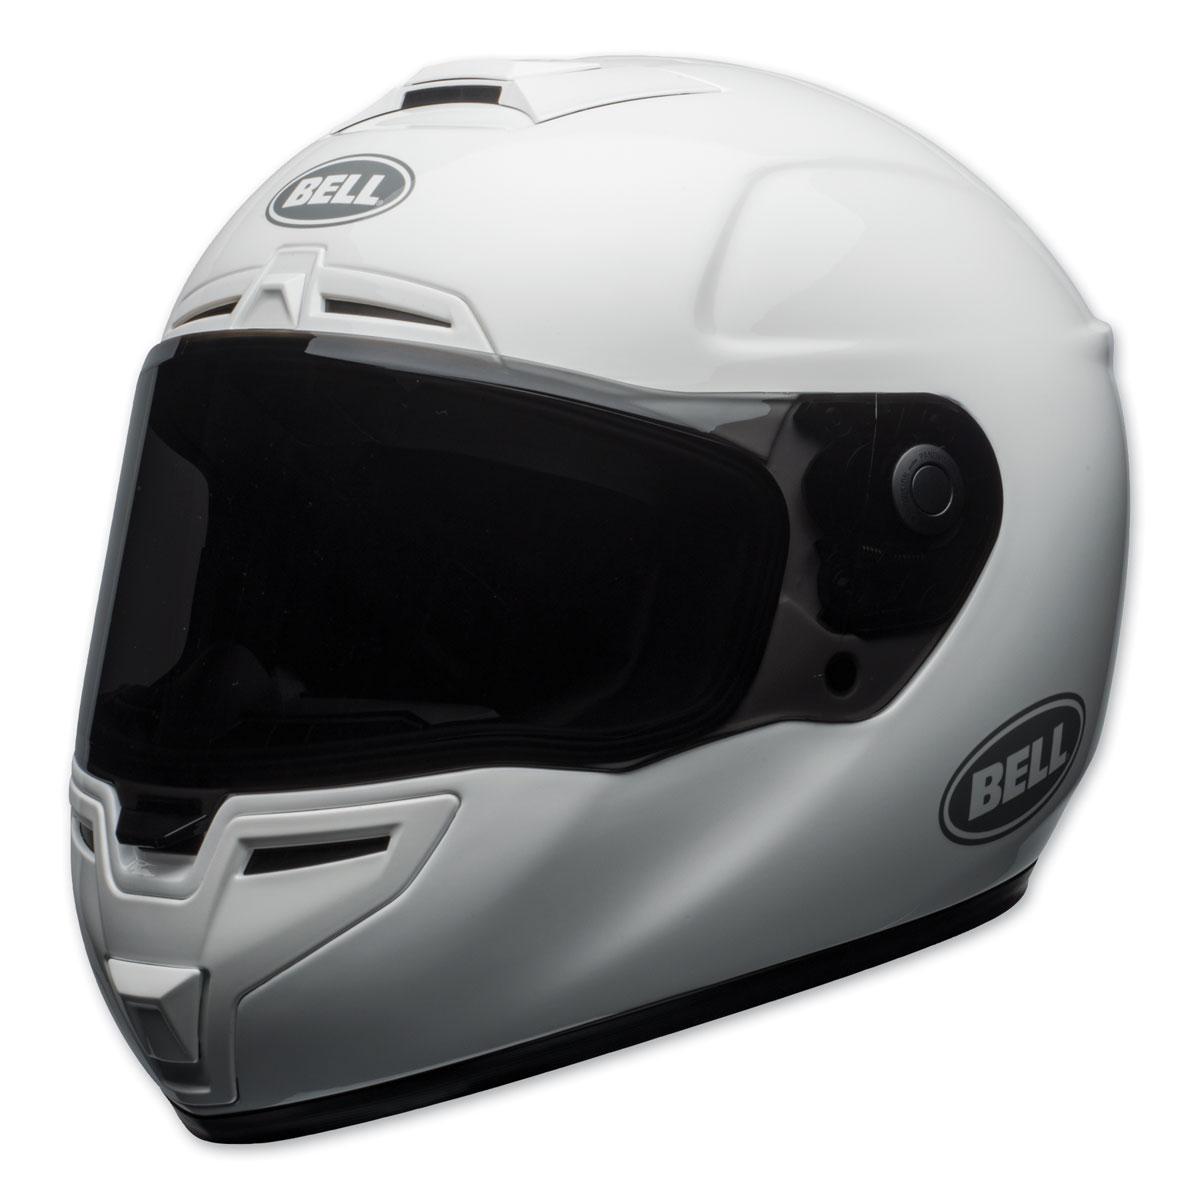 Bell SRT Gloss White Full Face Helmet